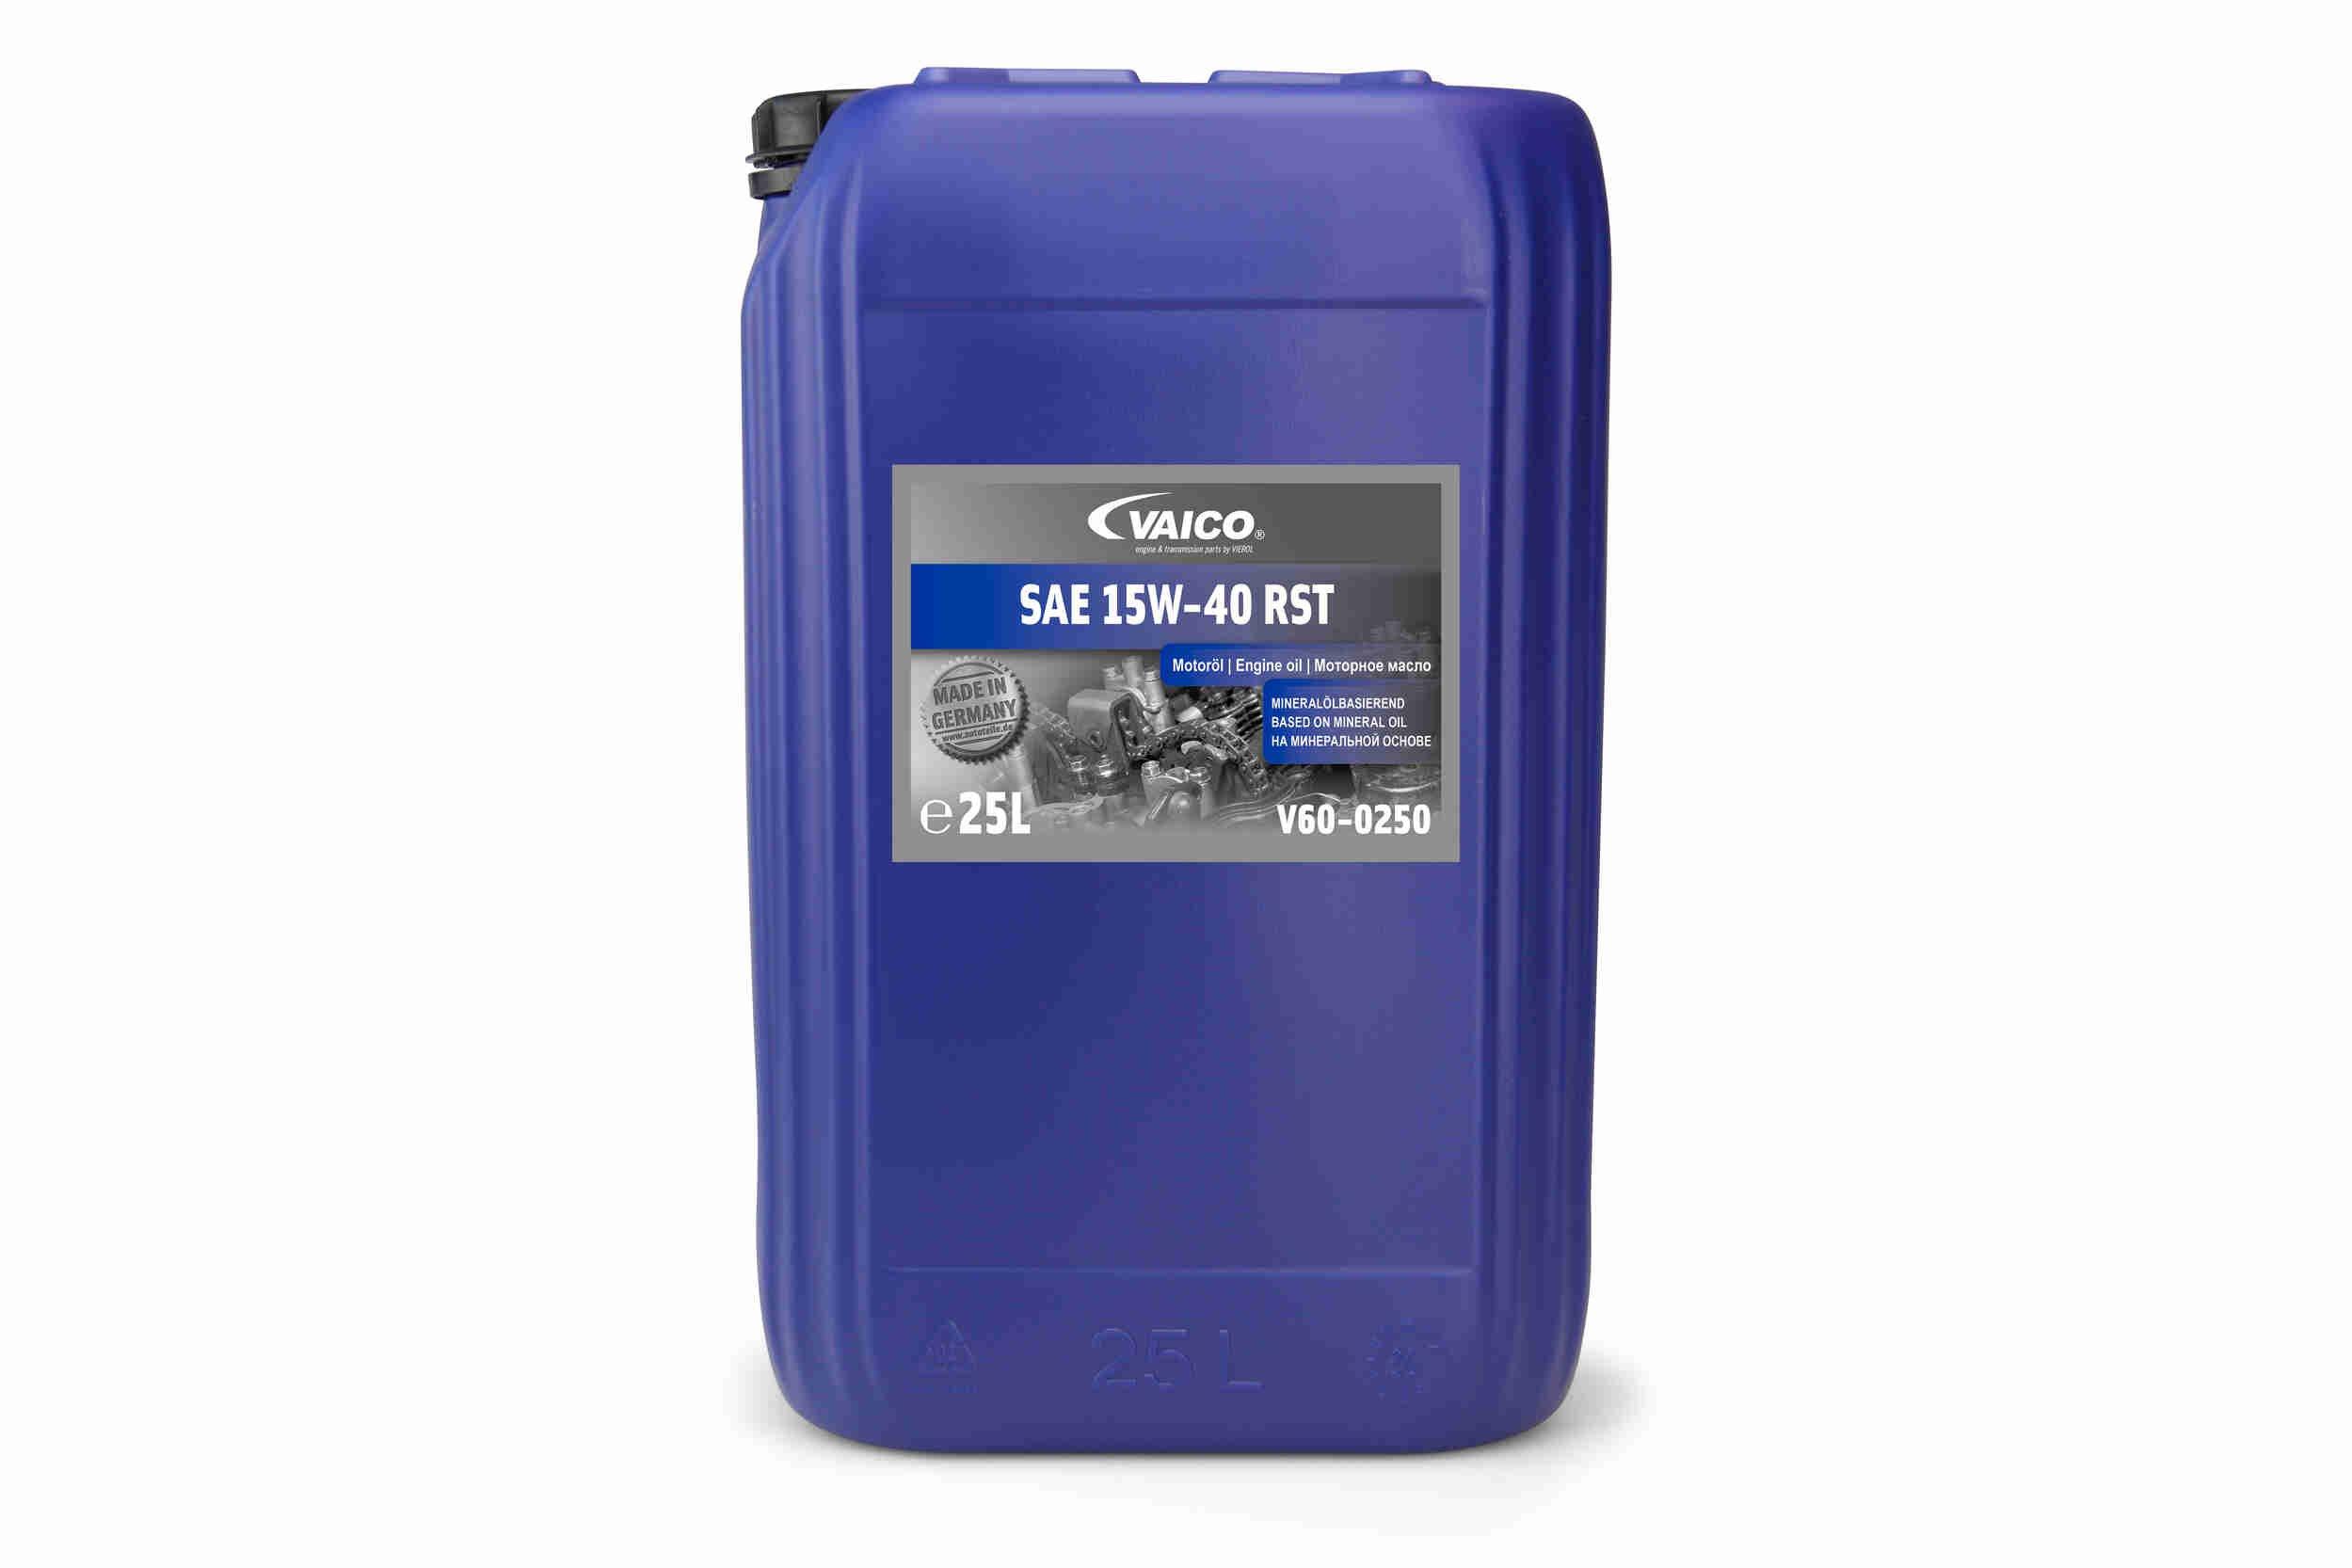 Motoröl 15W-40 RST 25L VAICO V60-0250 Bild 1